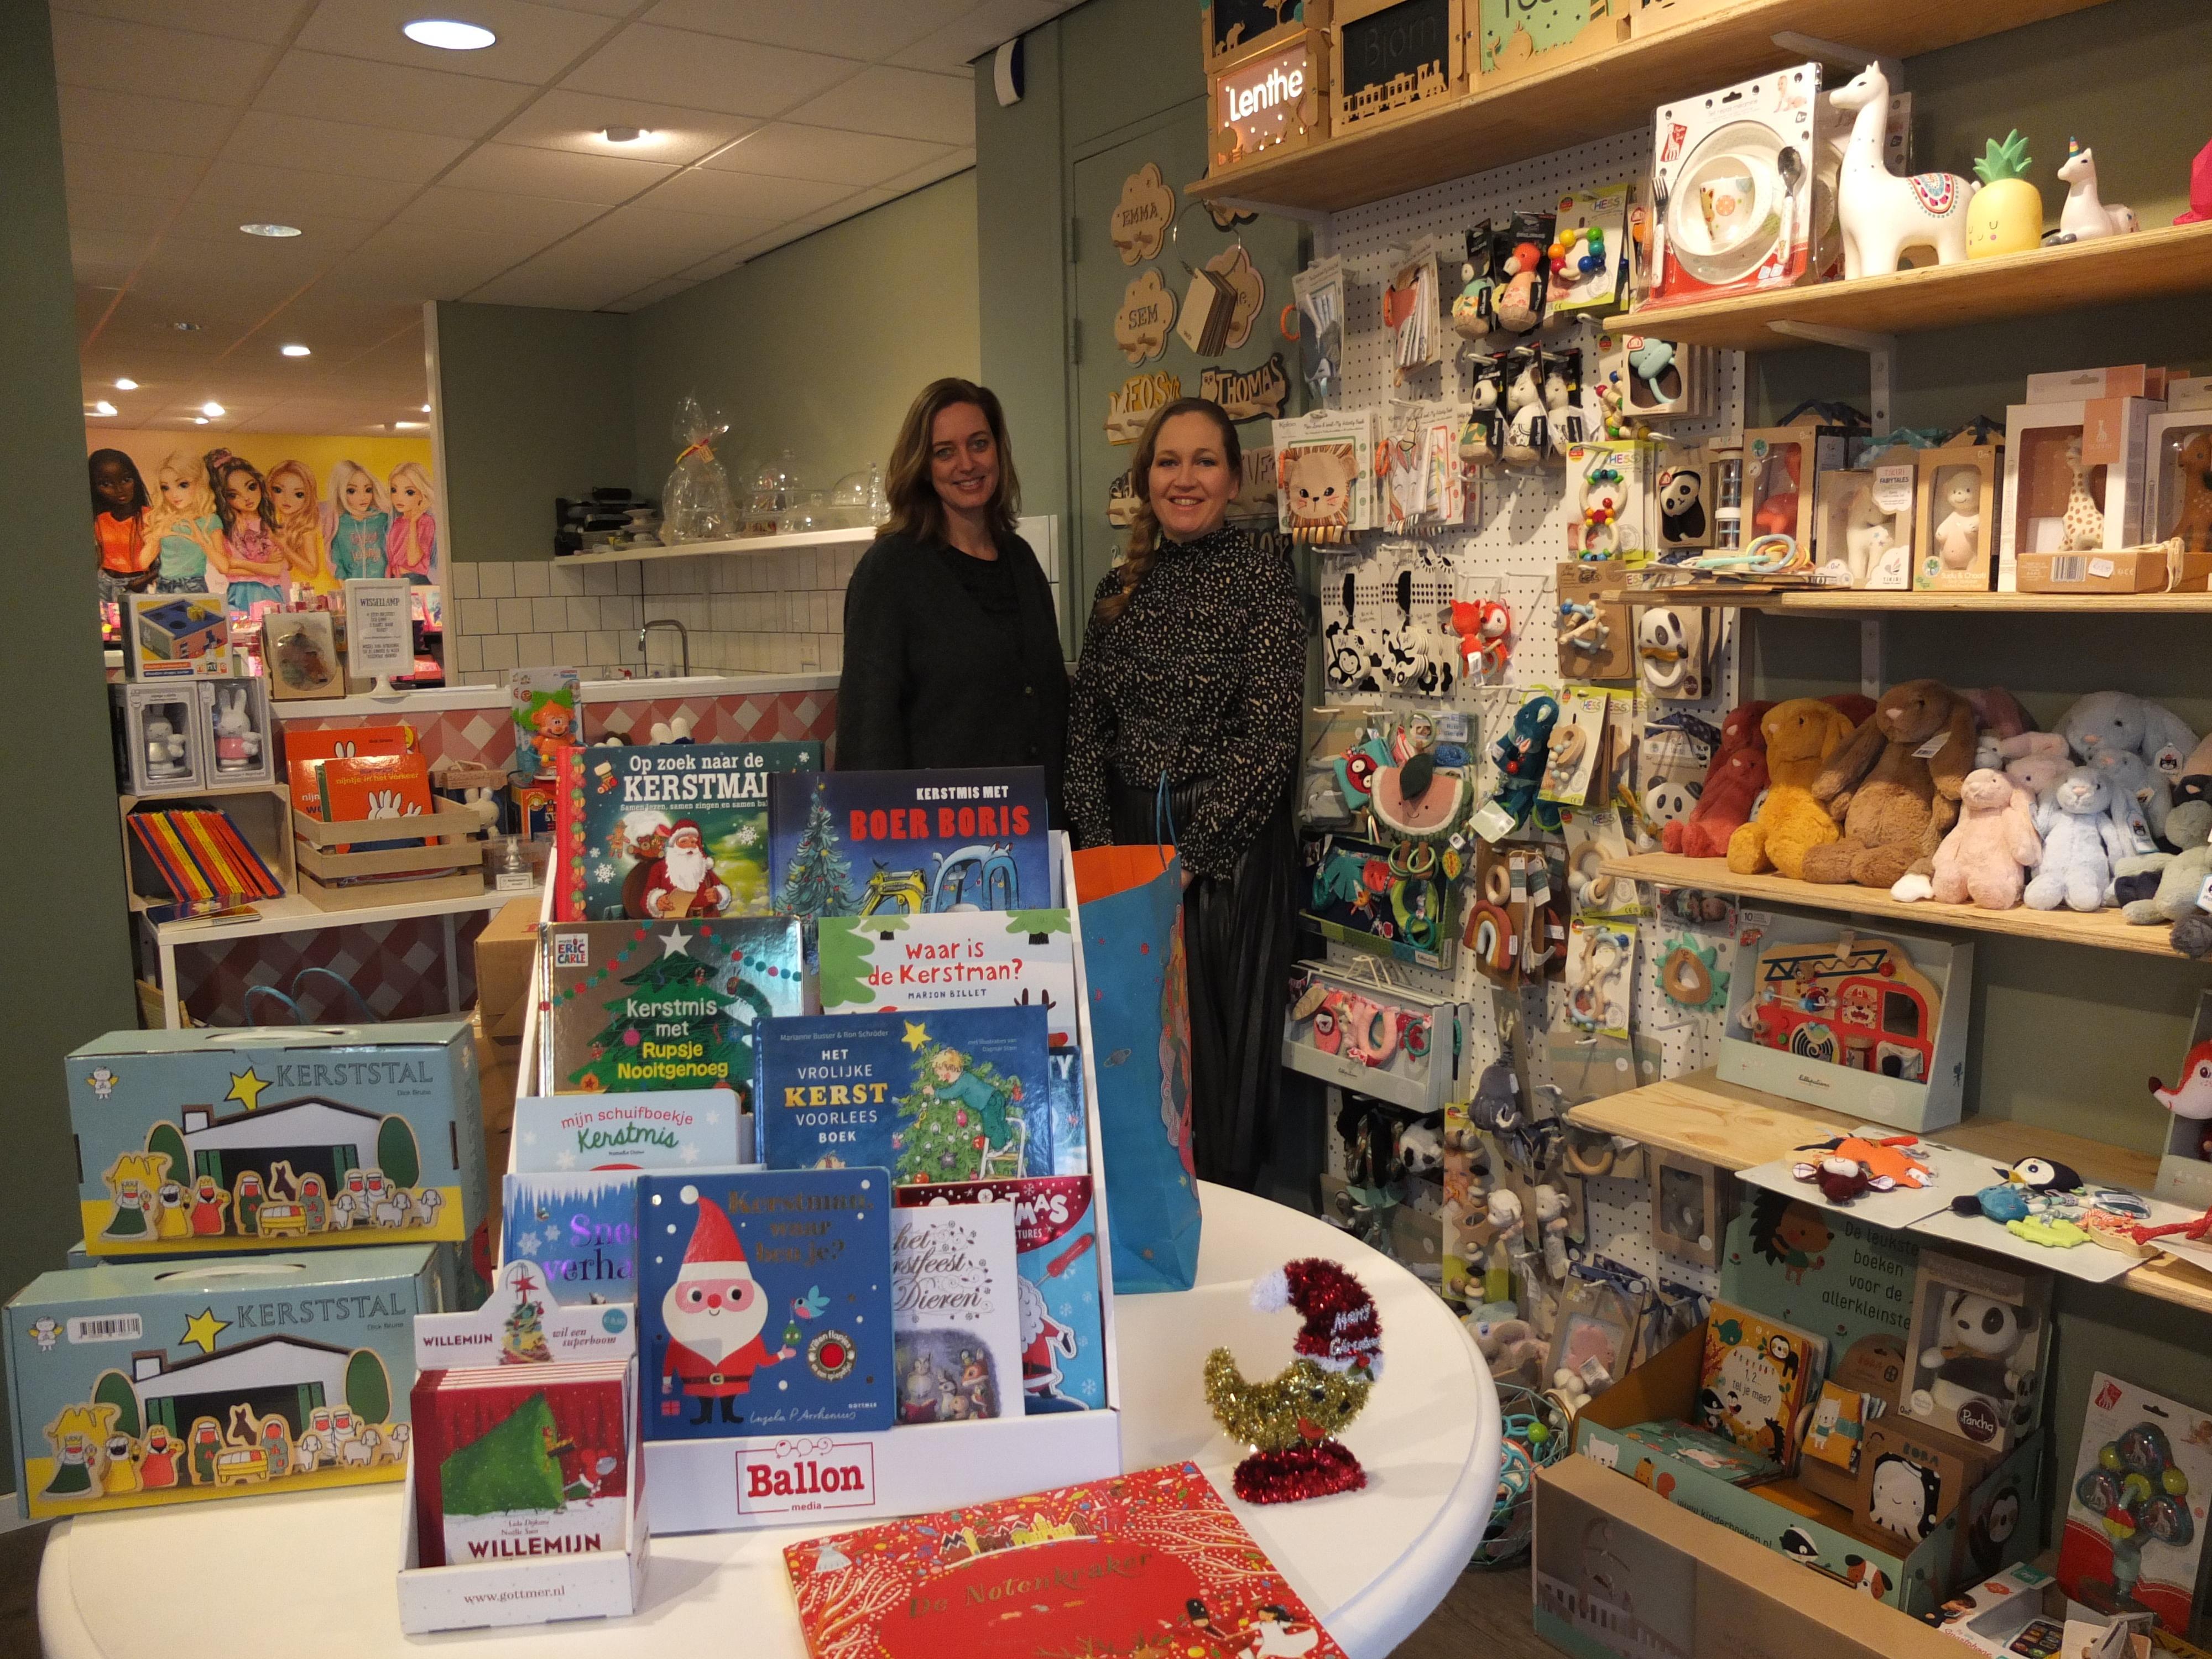 Kinderwarenhuis is verhuisd naar beter zichtbare plek in Lisse: 'Lievelingetjes verwijst zowel naar de kinderen als de producten die we verkopen'